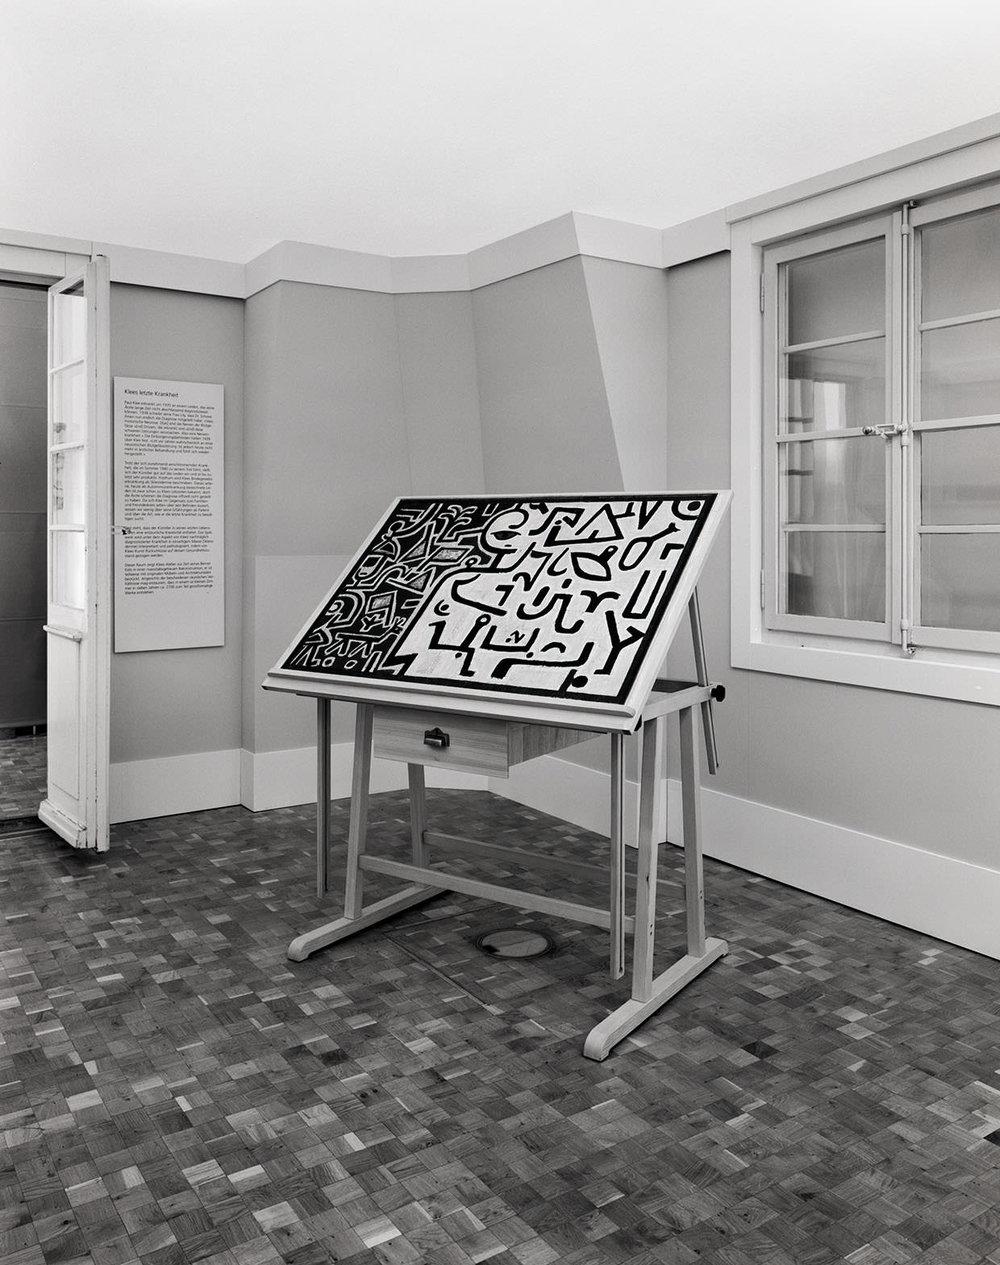 Massstabgetreue Rekonstruktion von Paul Klees Atelier am Kistlerweg 6 in der Ausstellung »Paul Klee und die Medizin« im Medizinhistorischen Museum der Universität Zürich, 2005, Fotograf: Dominique Uldry  ©Bern: Dominique Uldry